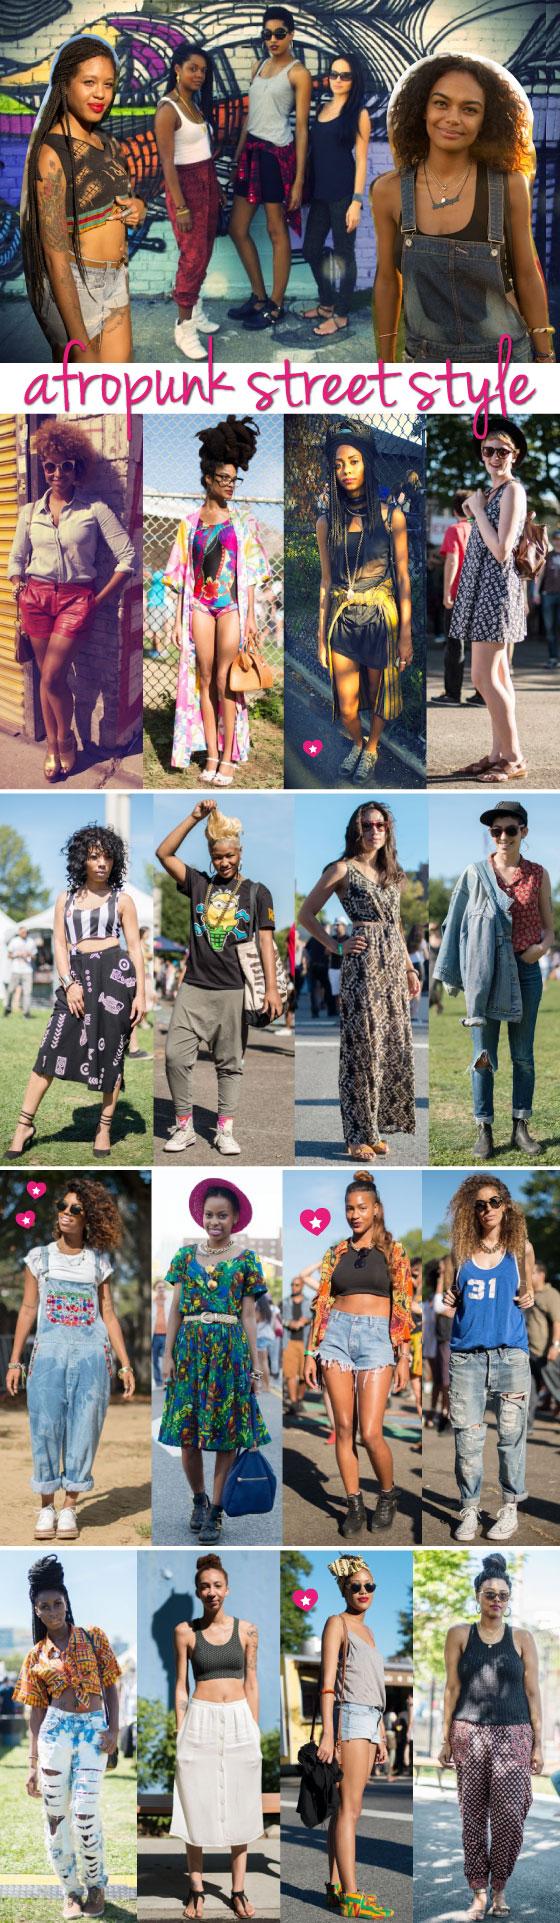 afropunk-street-style-estilo-festival-rock-in-rio-